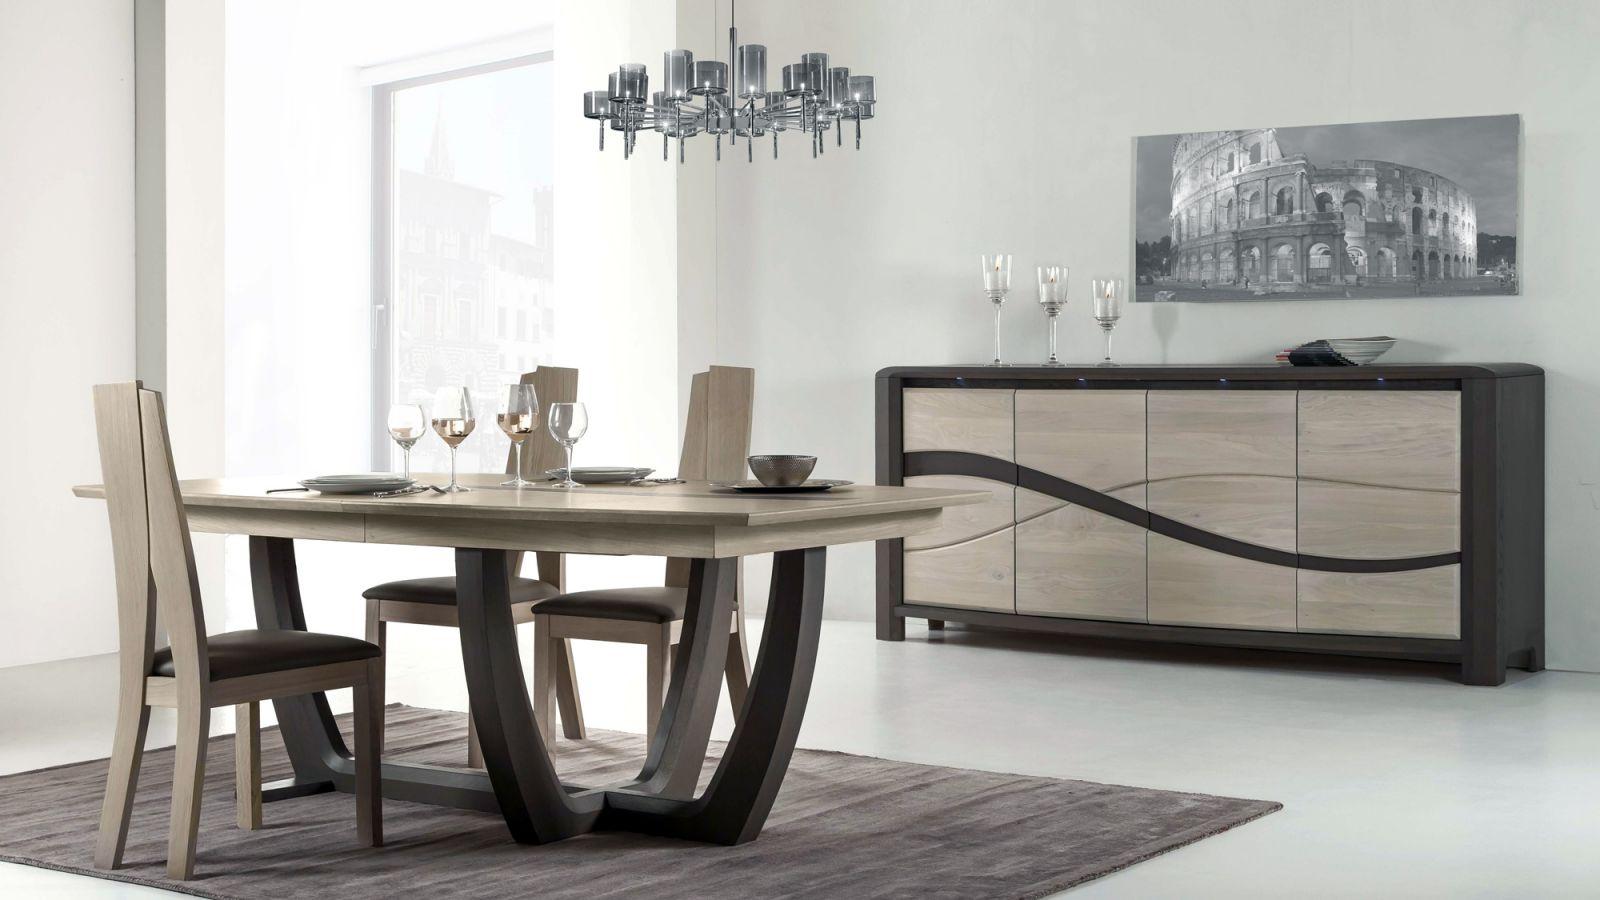 Grange marque fran aise de meubles meuble et d coration marseille mobilier design for Les meubles design